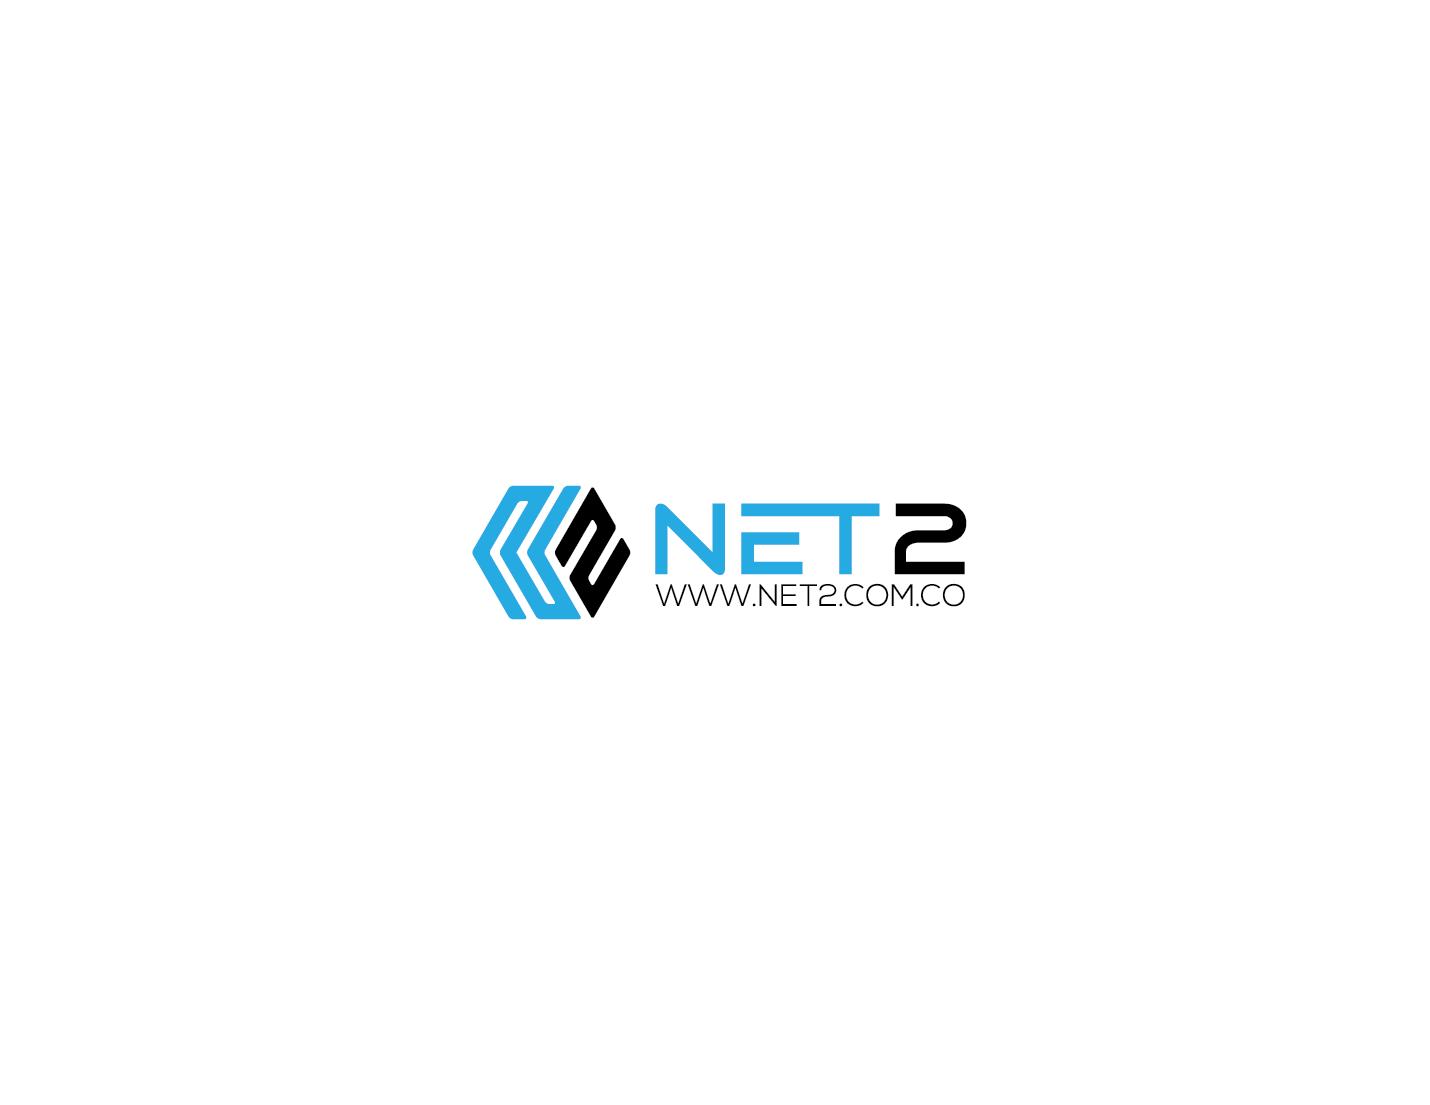 PRIZE GUARANTEED design our Logo - NET2 - GARANTIZADO